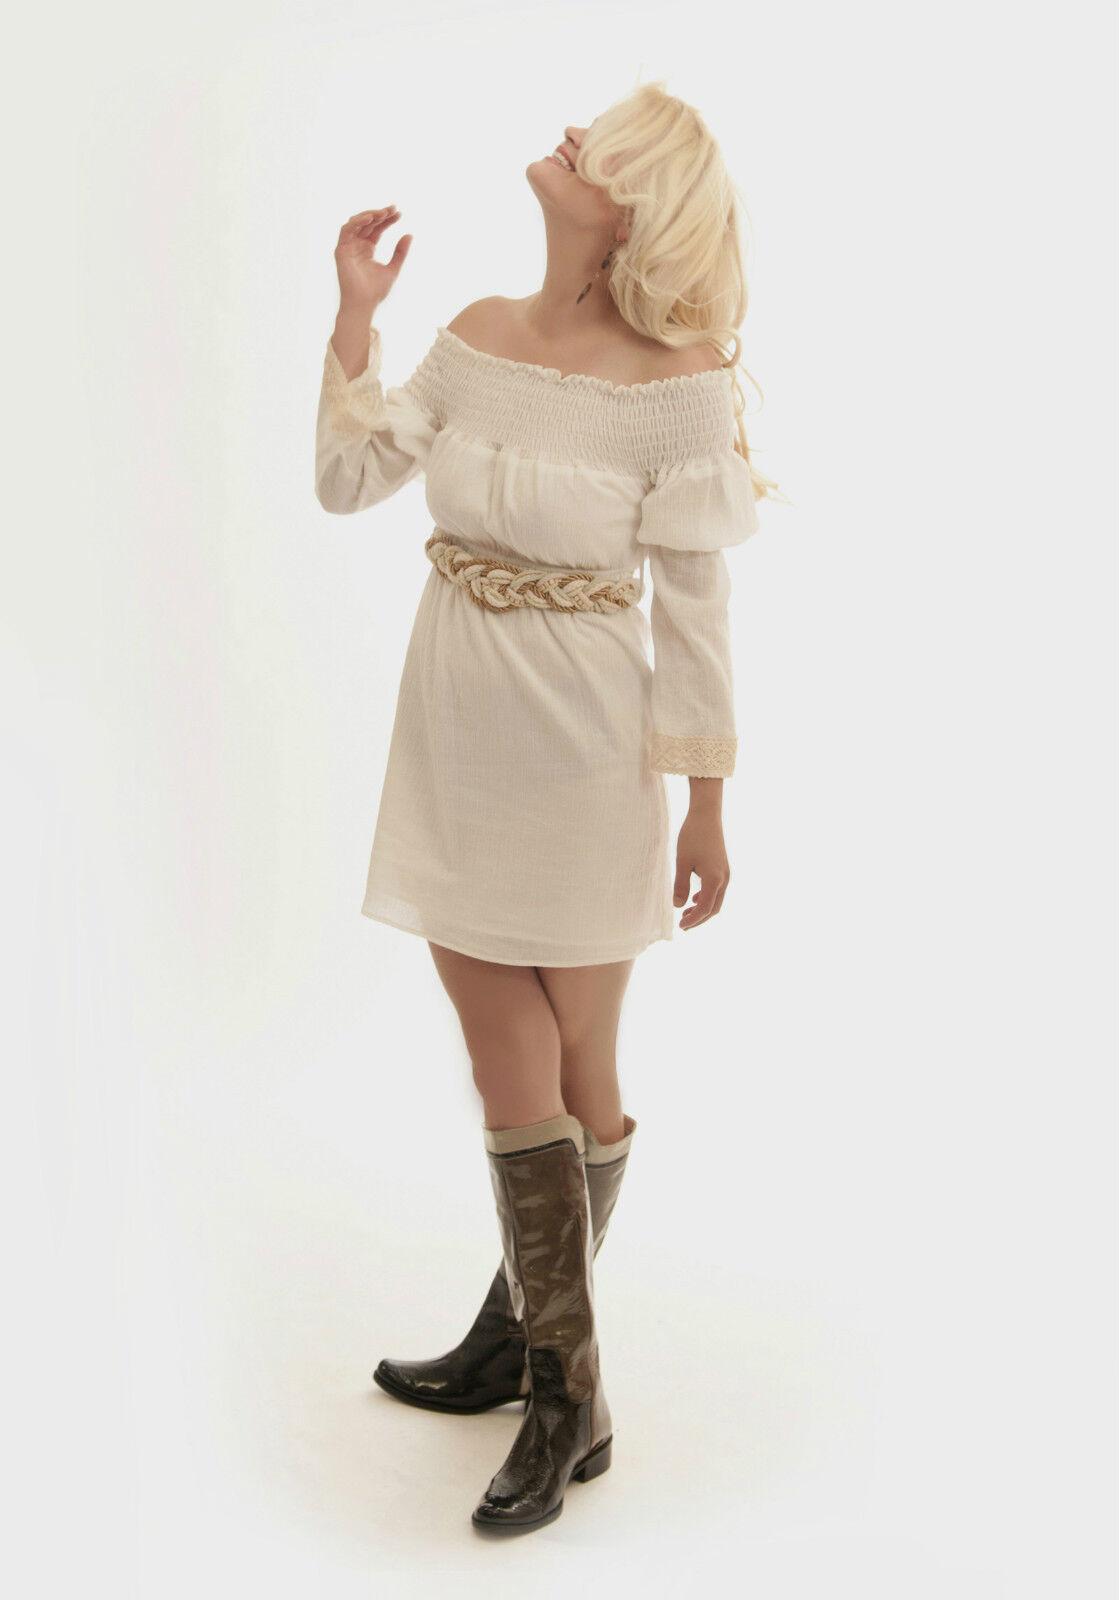 Cotton lace Sexy High Waist Belt Ivory Women Off Shoulder dress Vava Joy Han